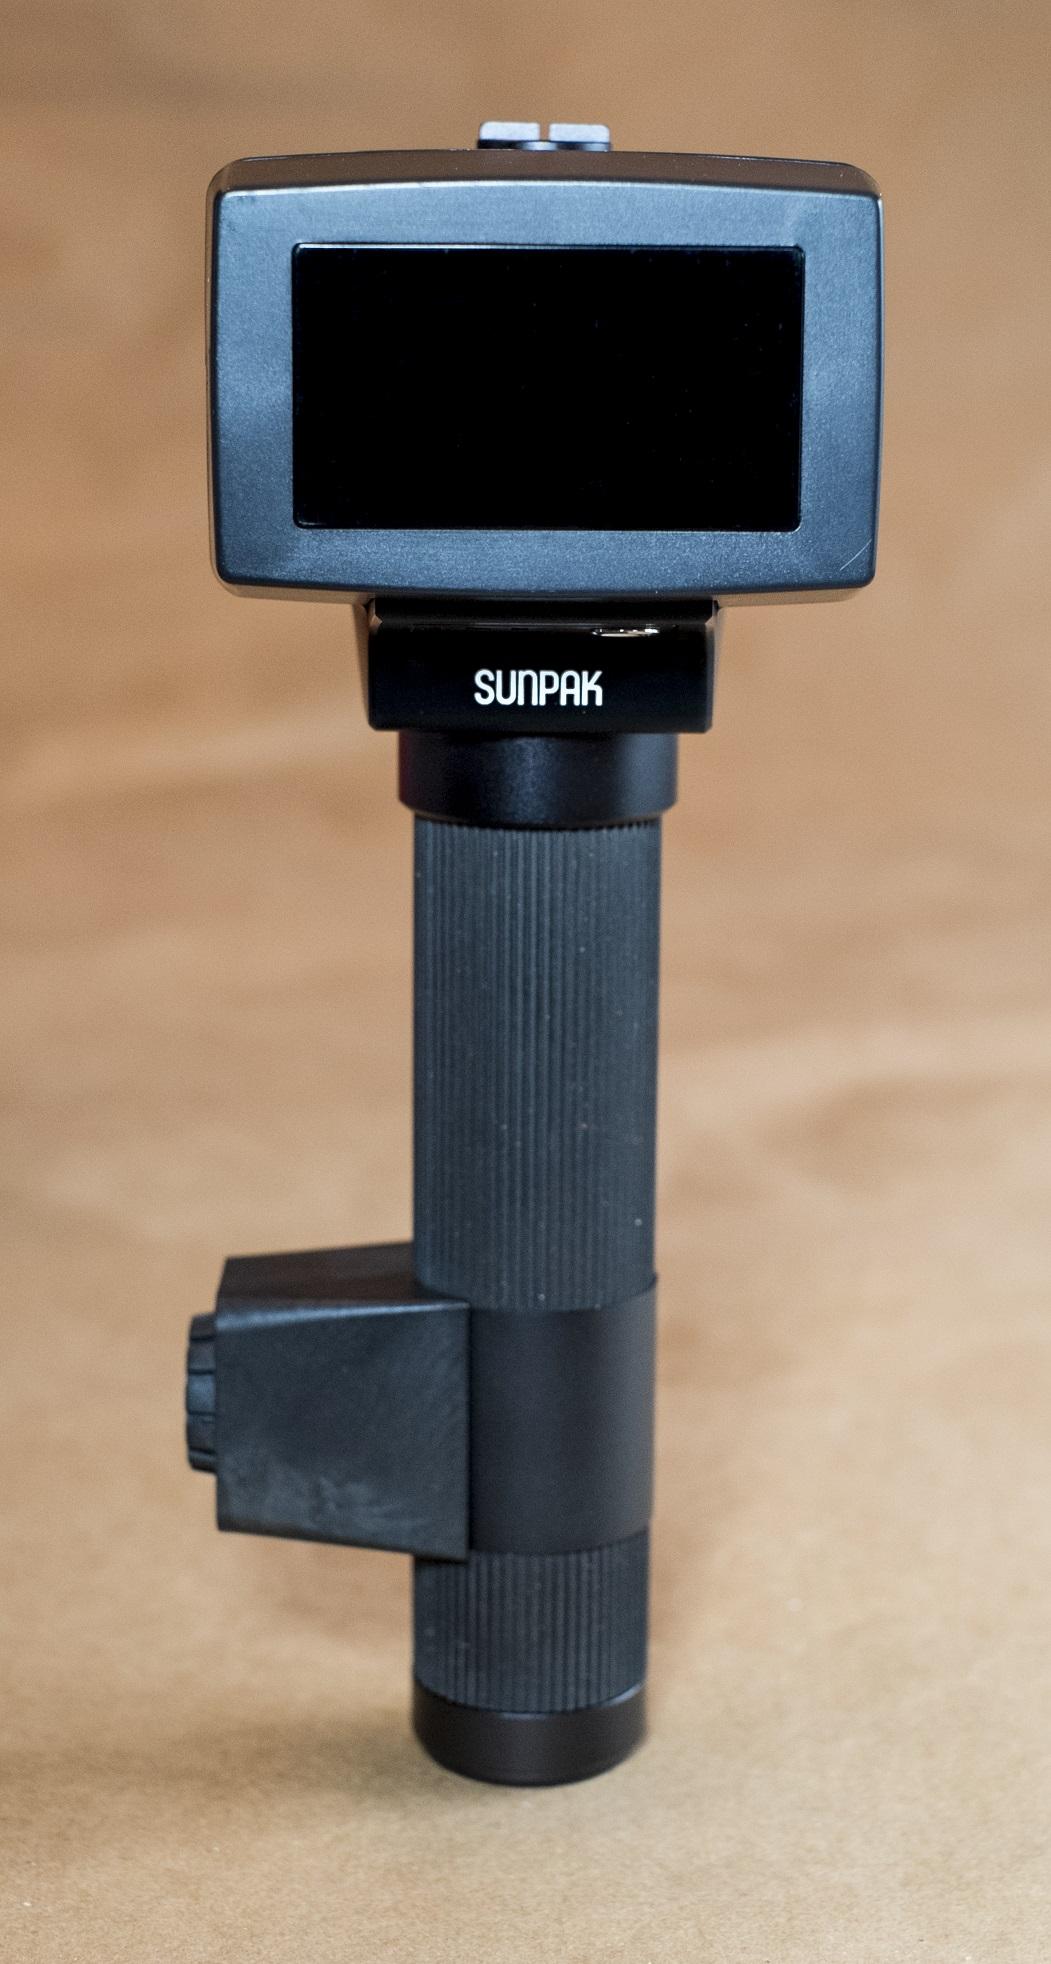 sunpak-nocto-400-infrared-strobe-1-d-teoli-jr